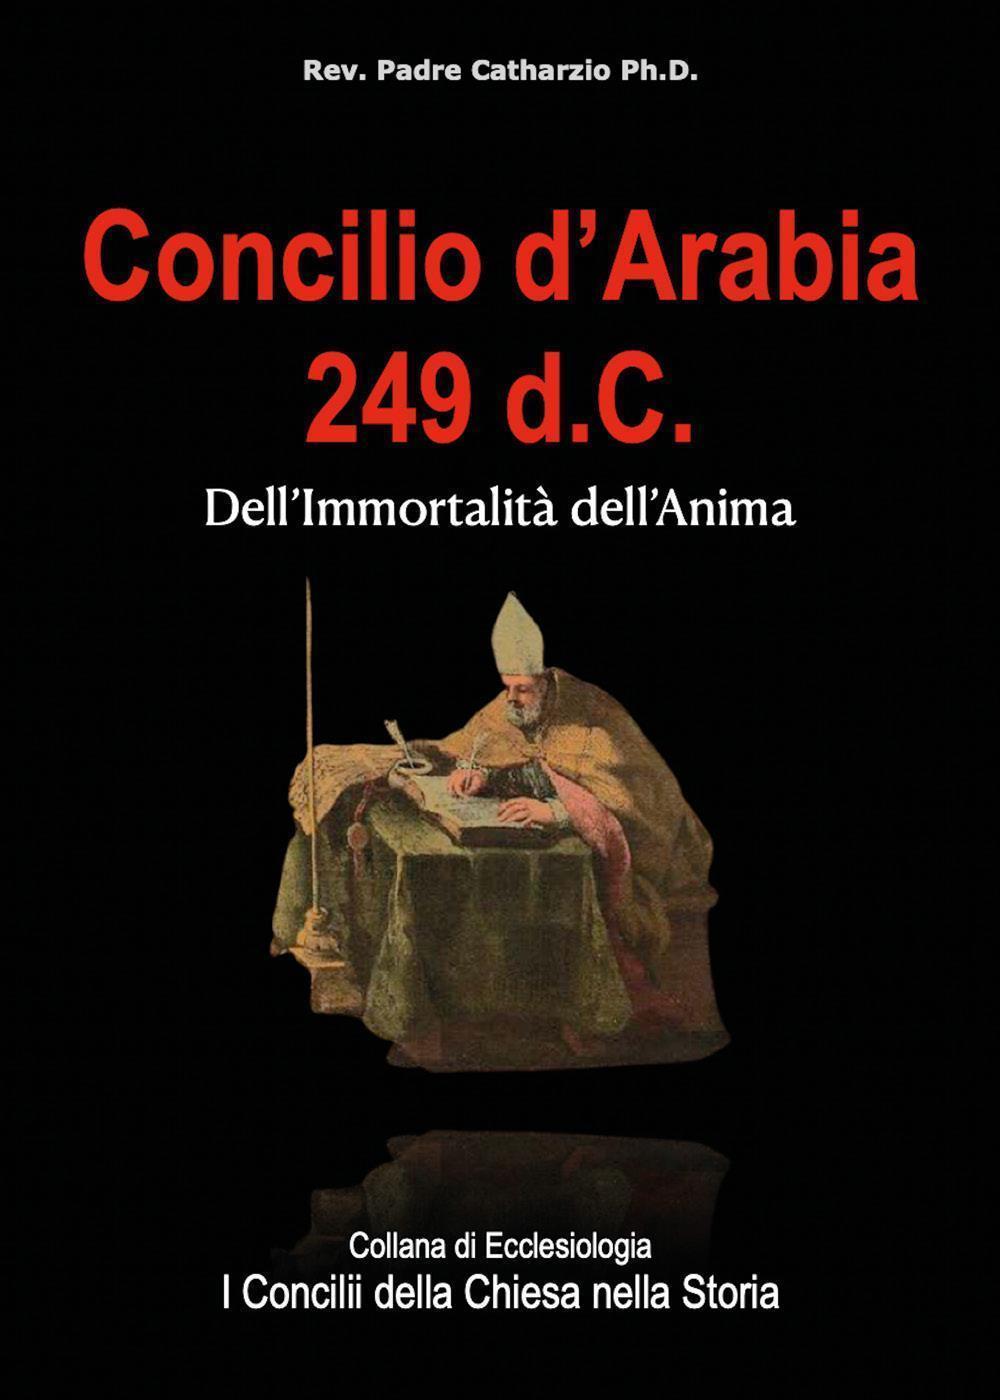 Concilio d'Arabia 249 d.C.